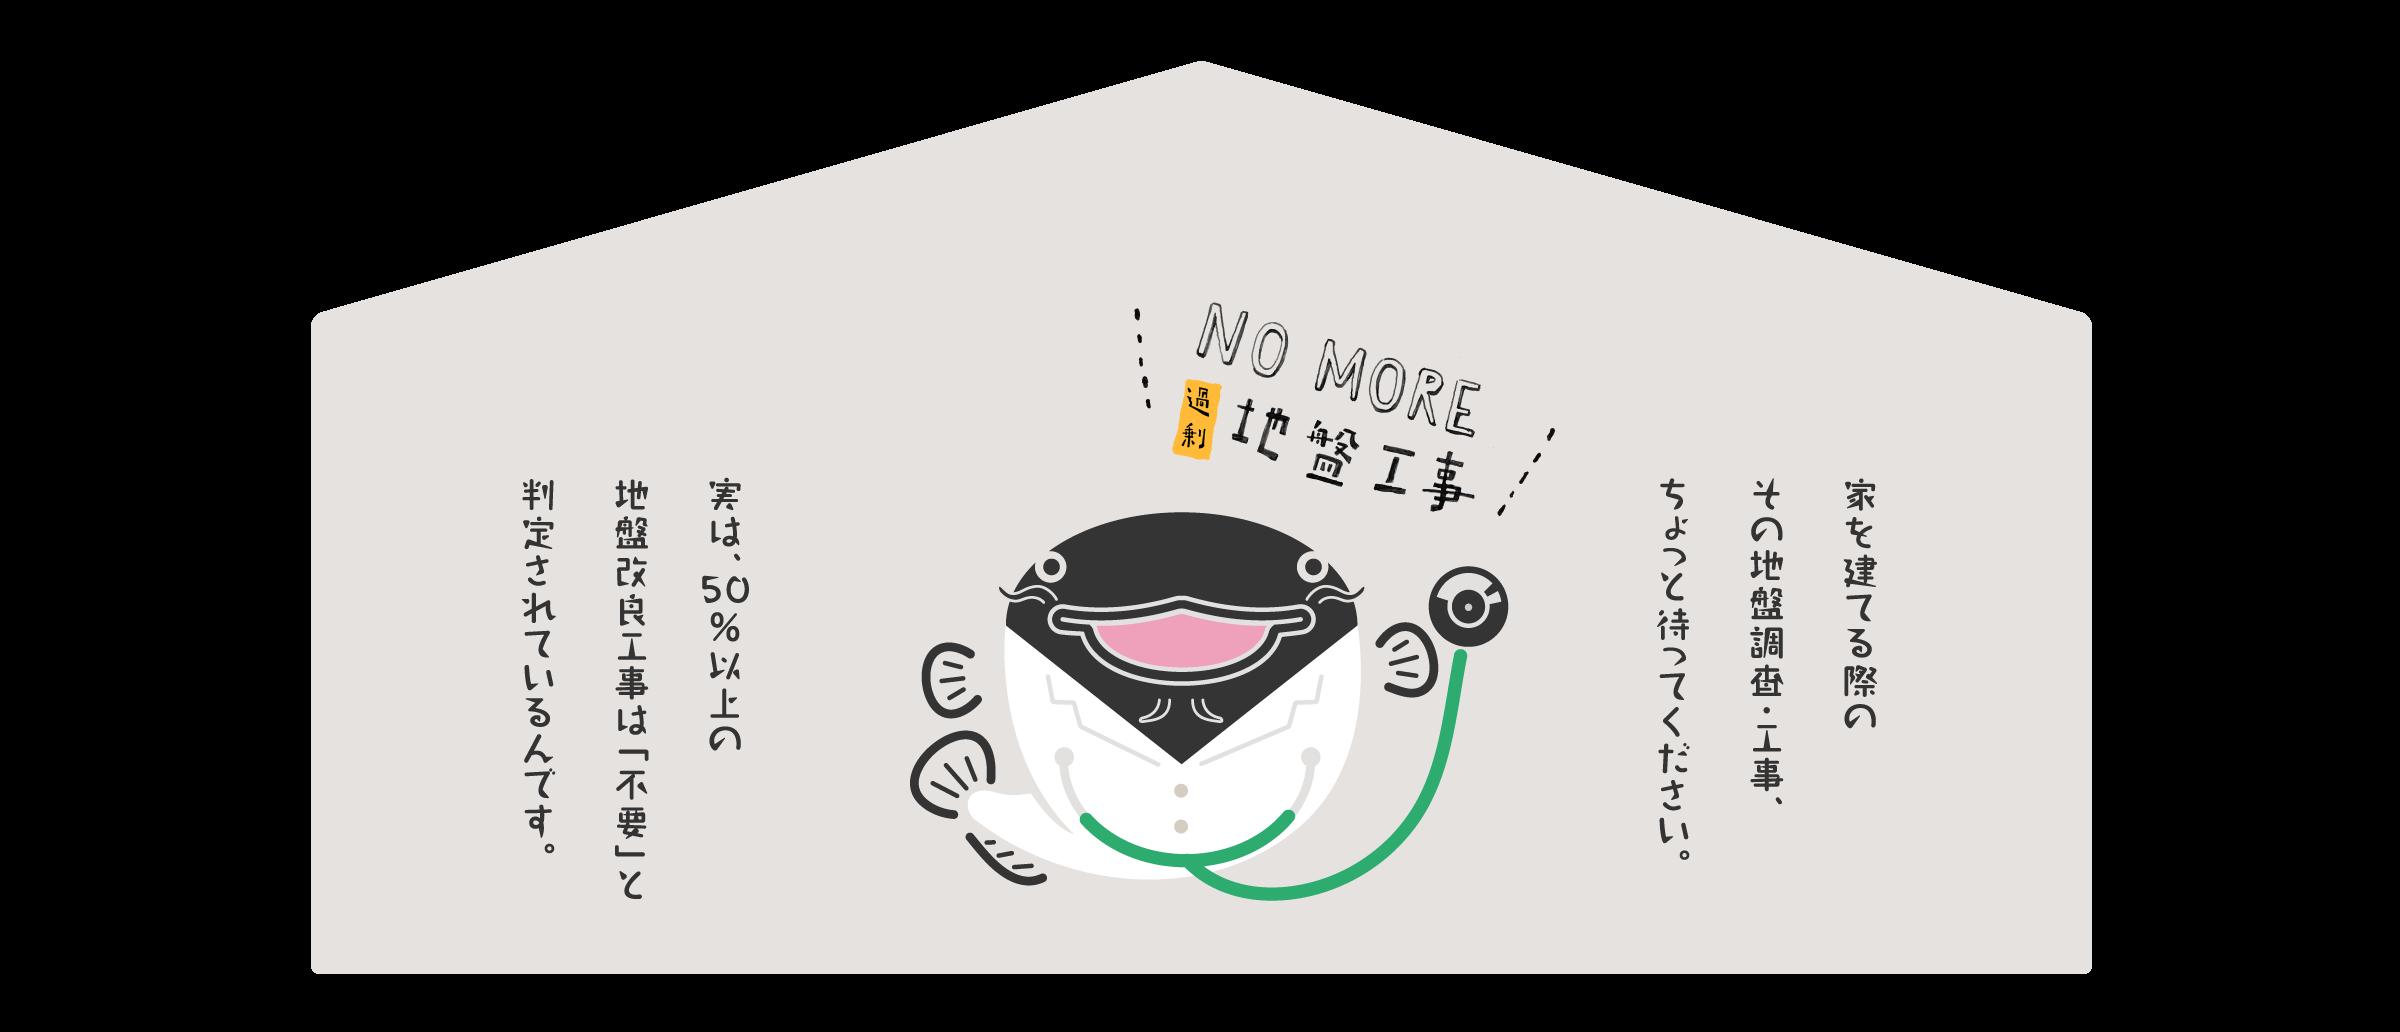 地盤ネット福山 キービジュアル1